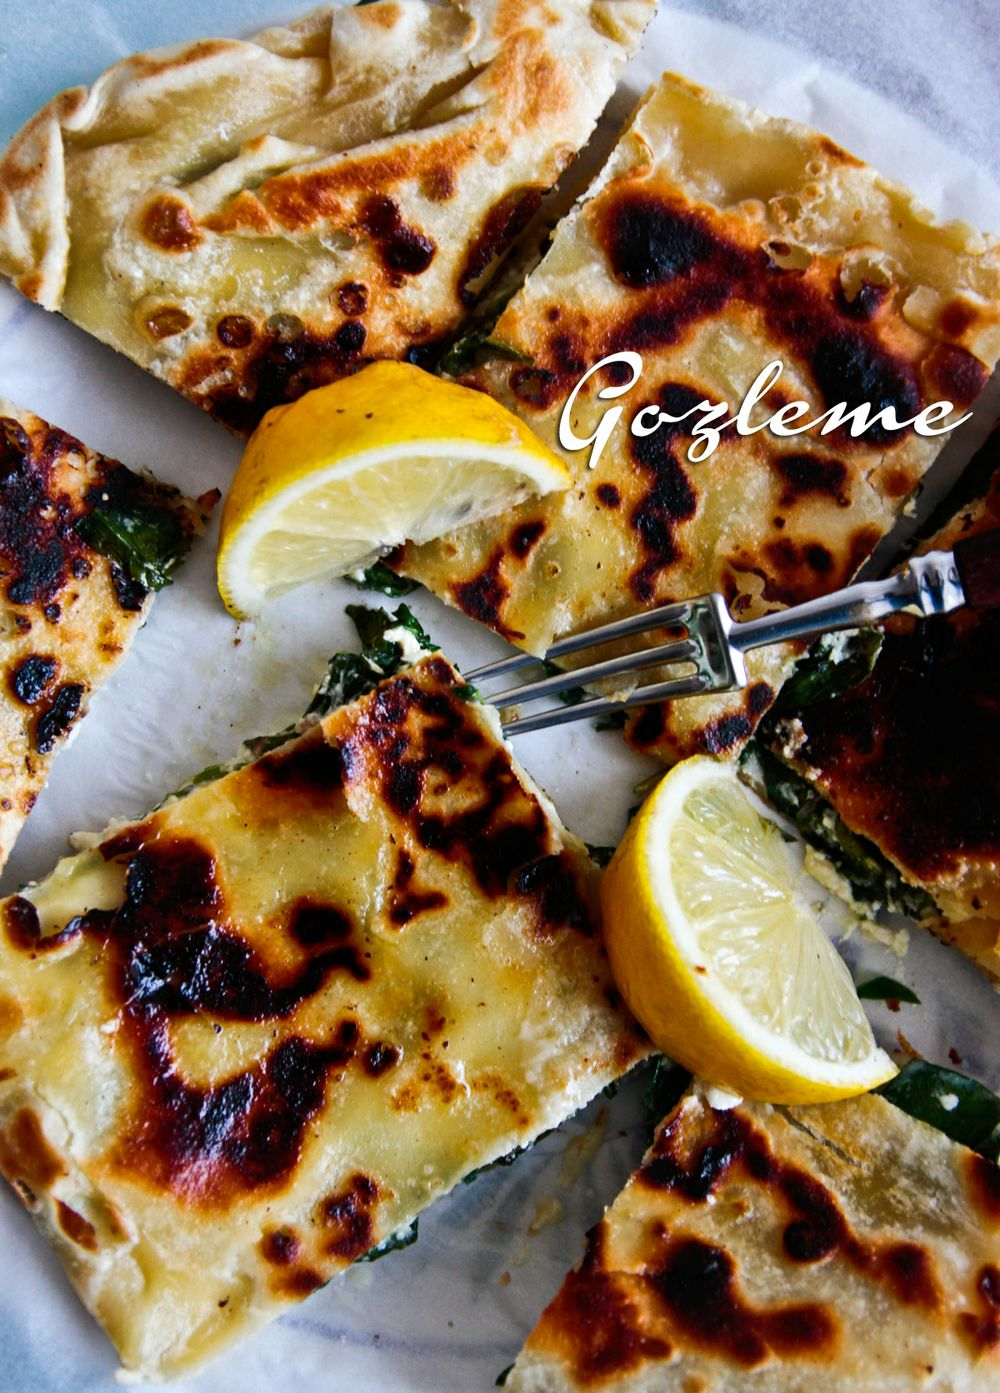 m2-gozleme-recipe-2-3